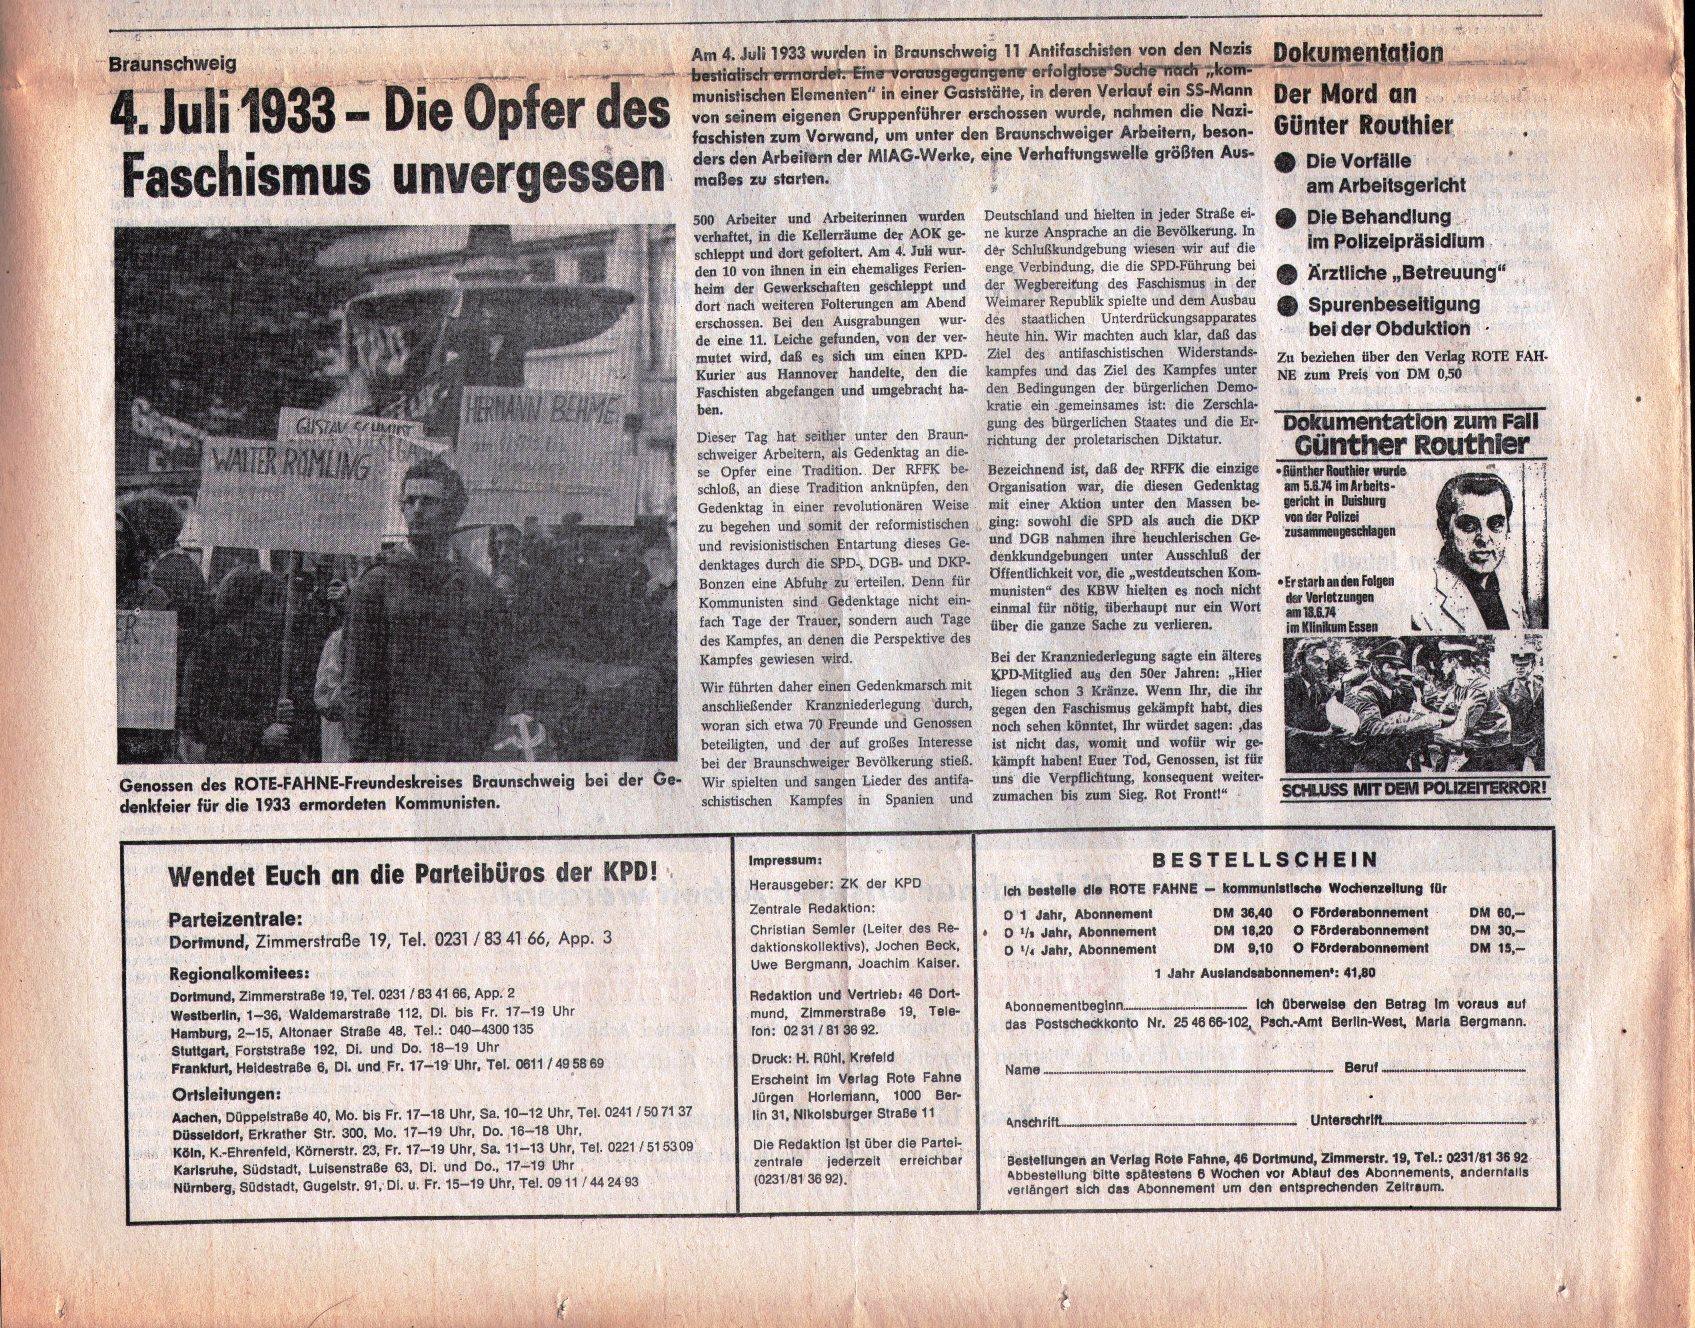 KPD_Rote_Fahne_1974_28_04